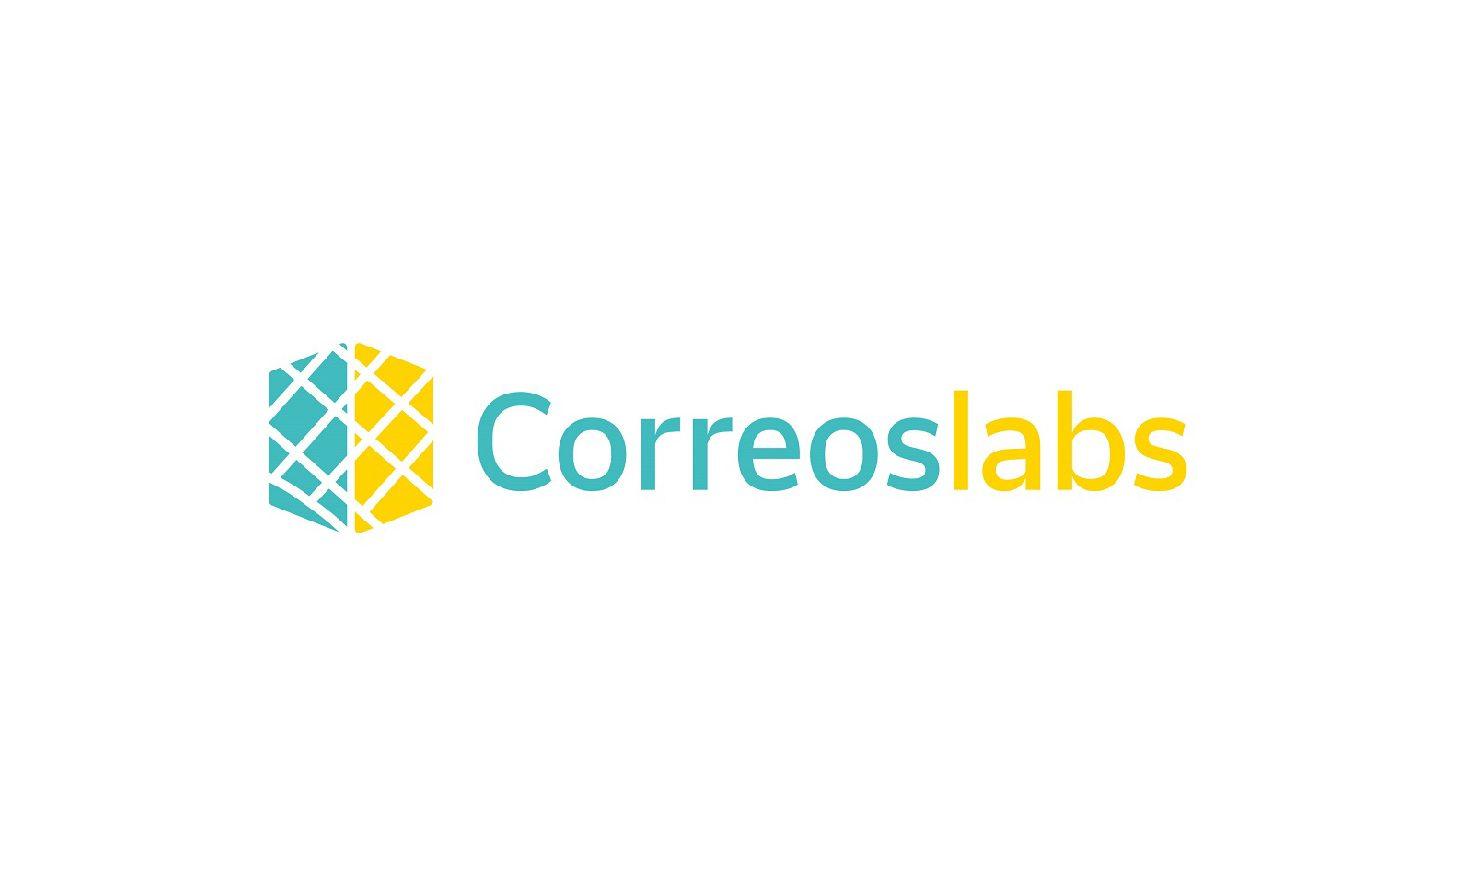 Correos Labs